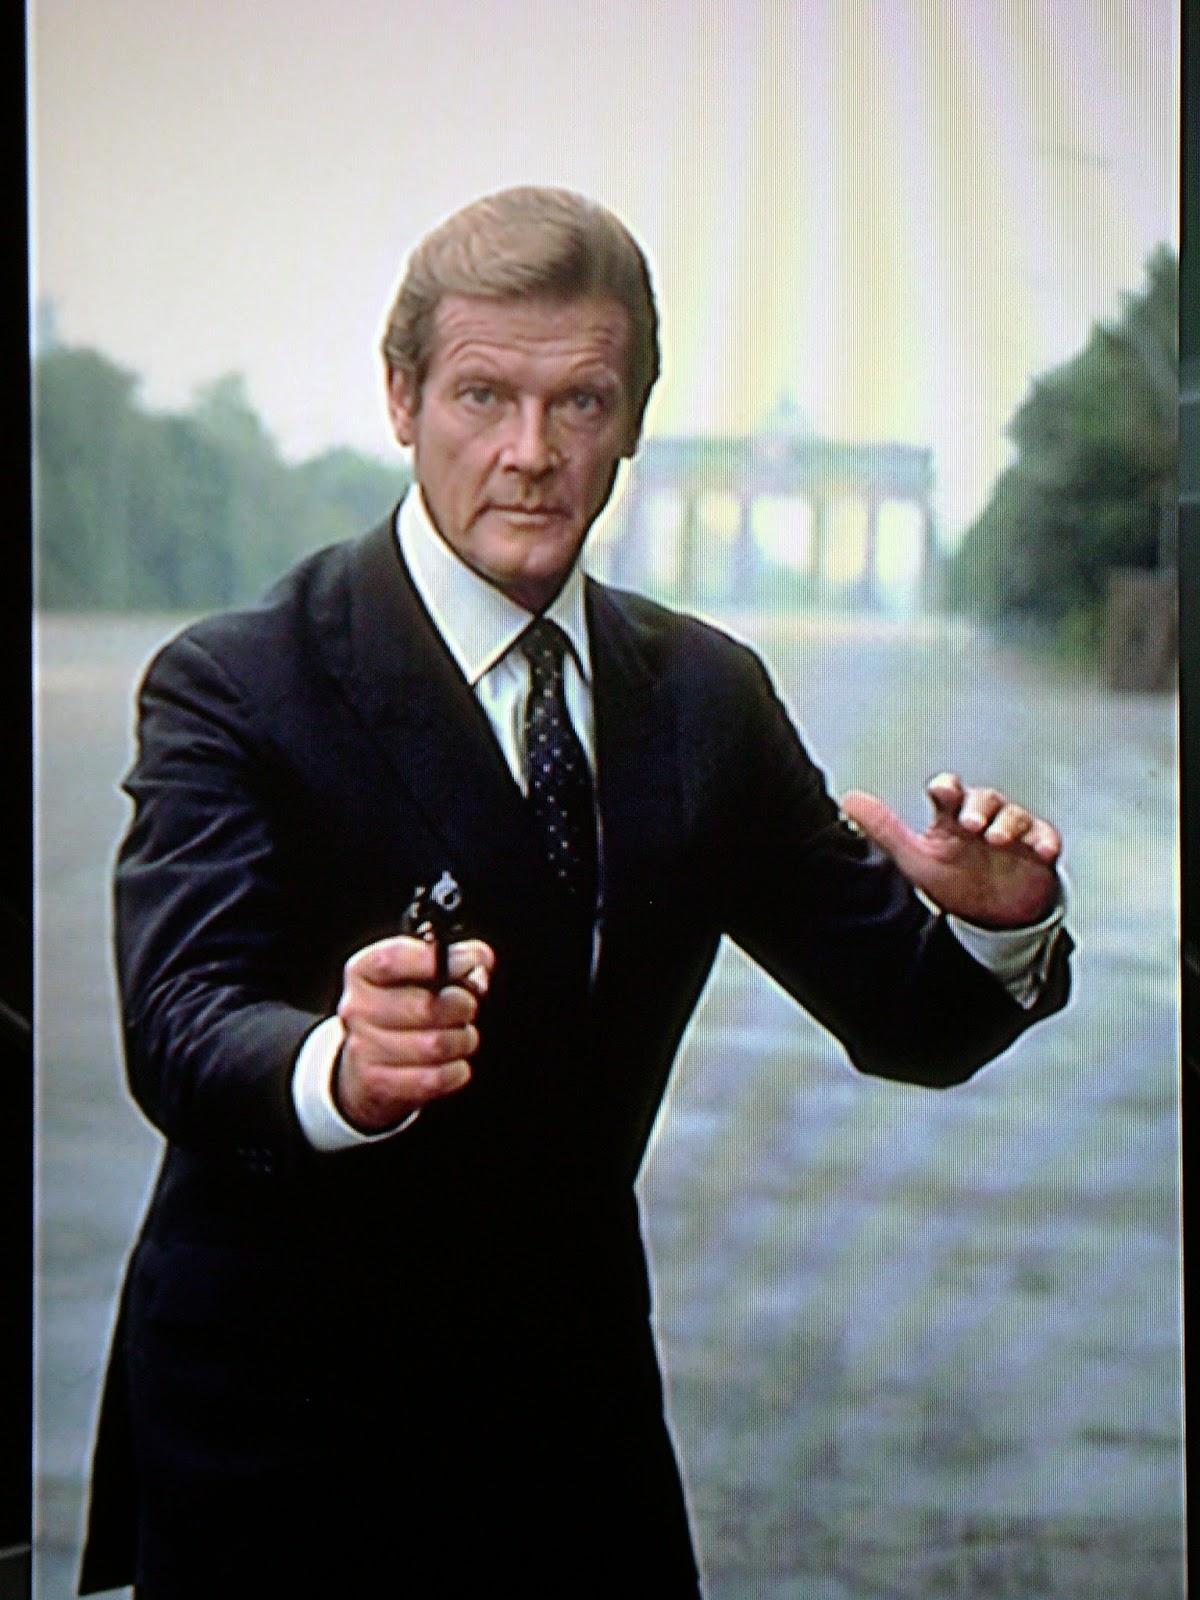 007 TRAVELERS: 007 Filming location: Brandenburg Gate ...